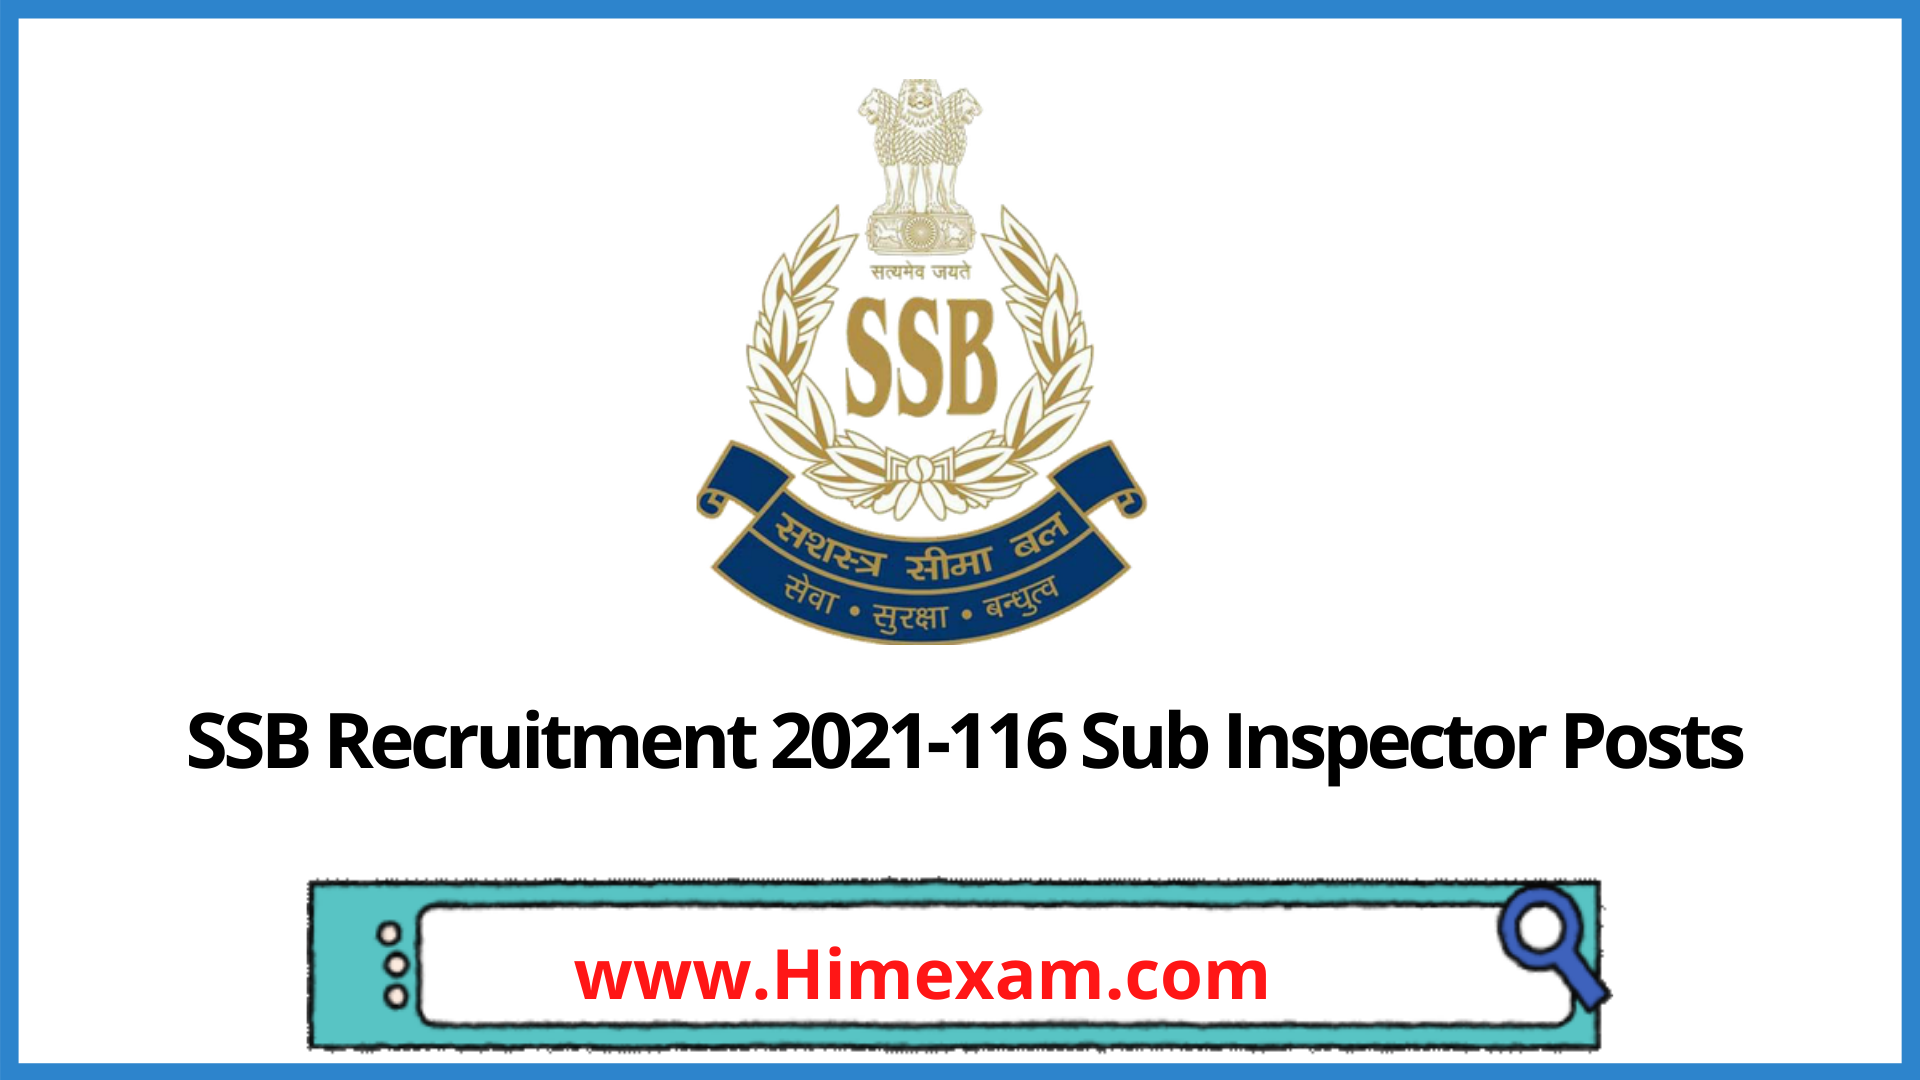 SSB Recruitment 2021-116 Sub Inspector Posts